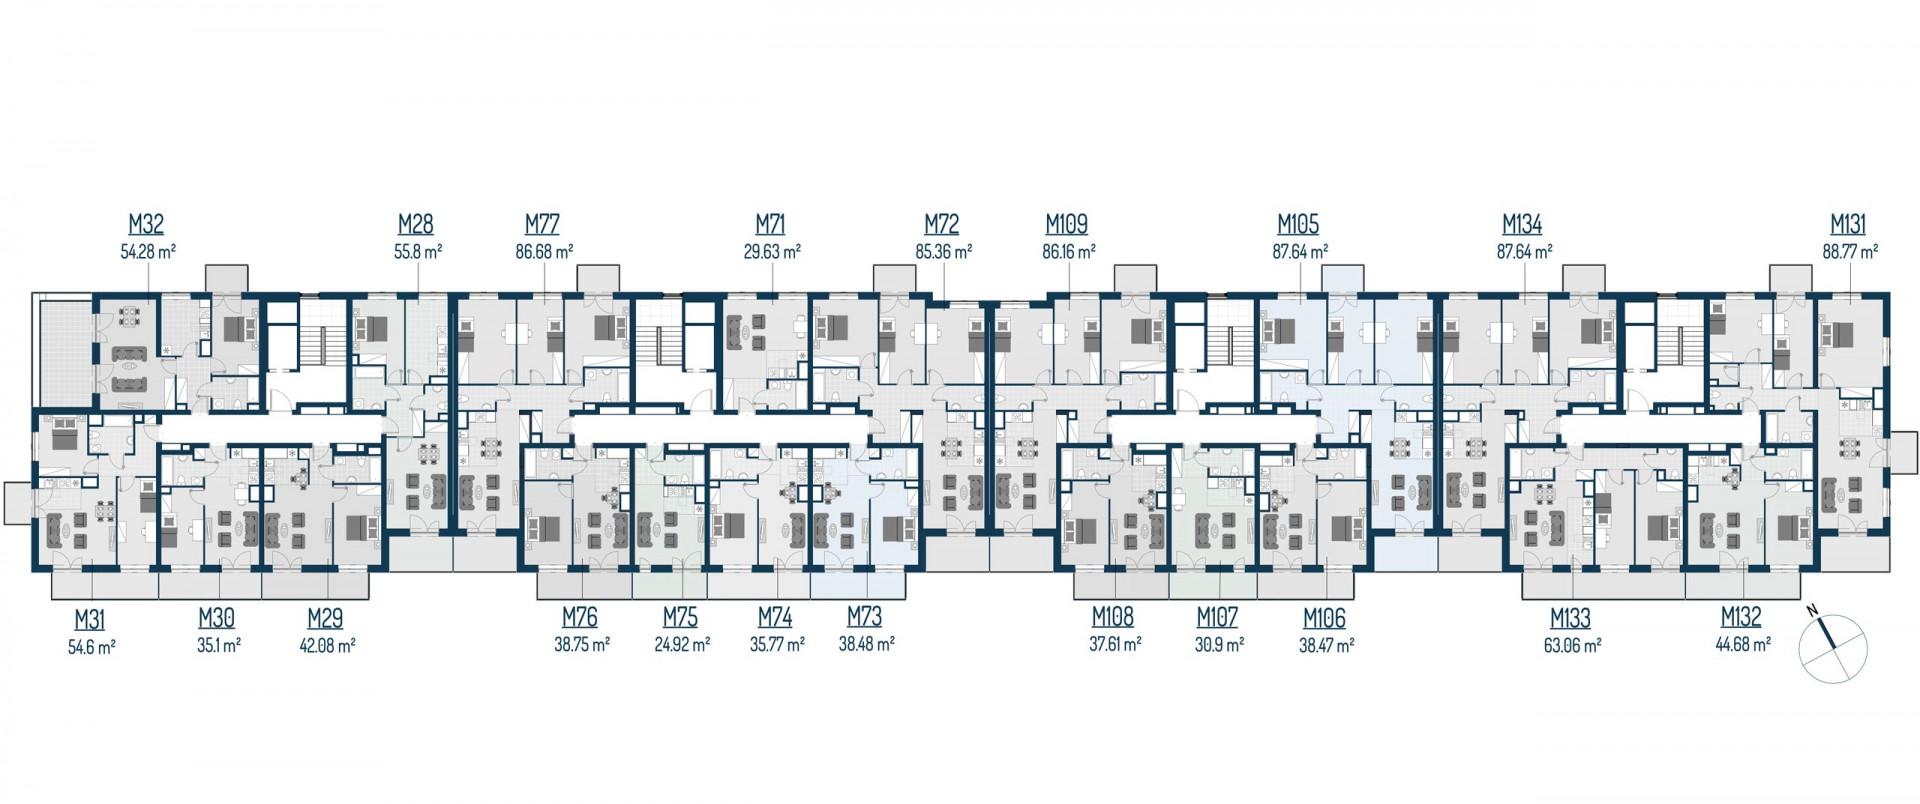 Zdrowe Stylove / budynek 2 / mieszkanie nr 31 rzut 2